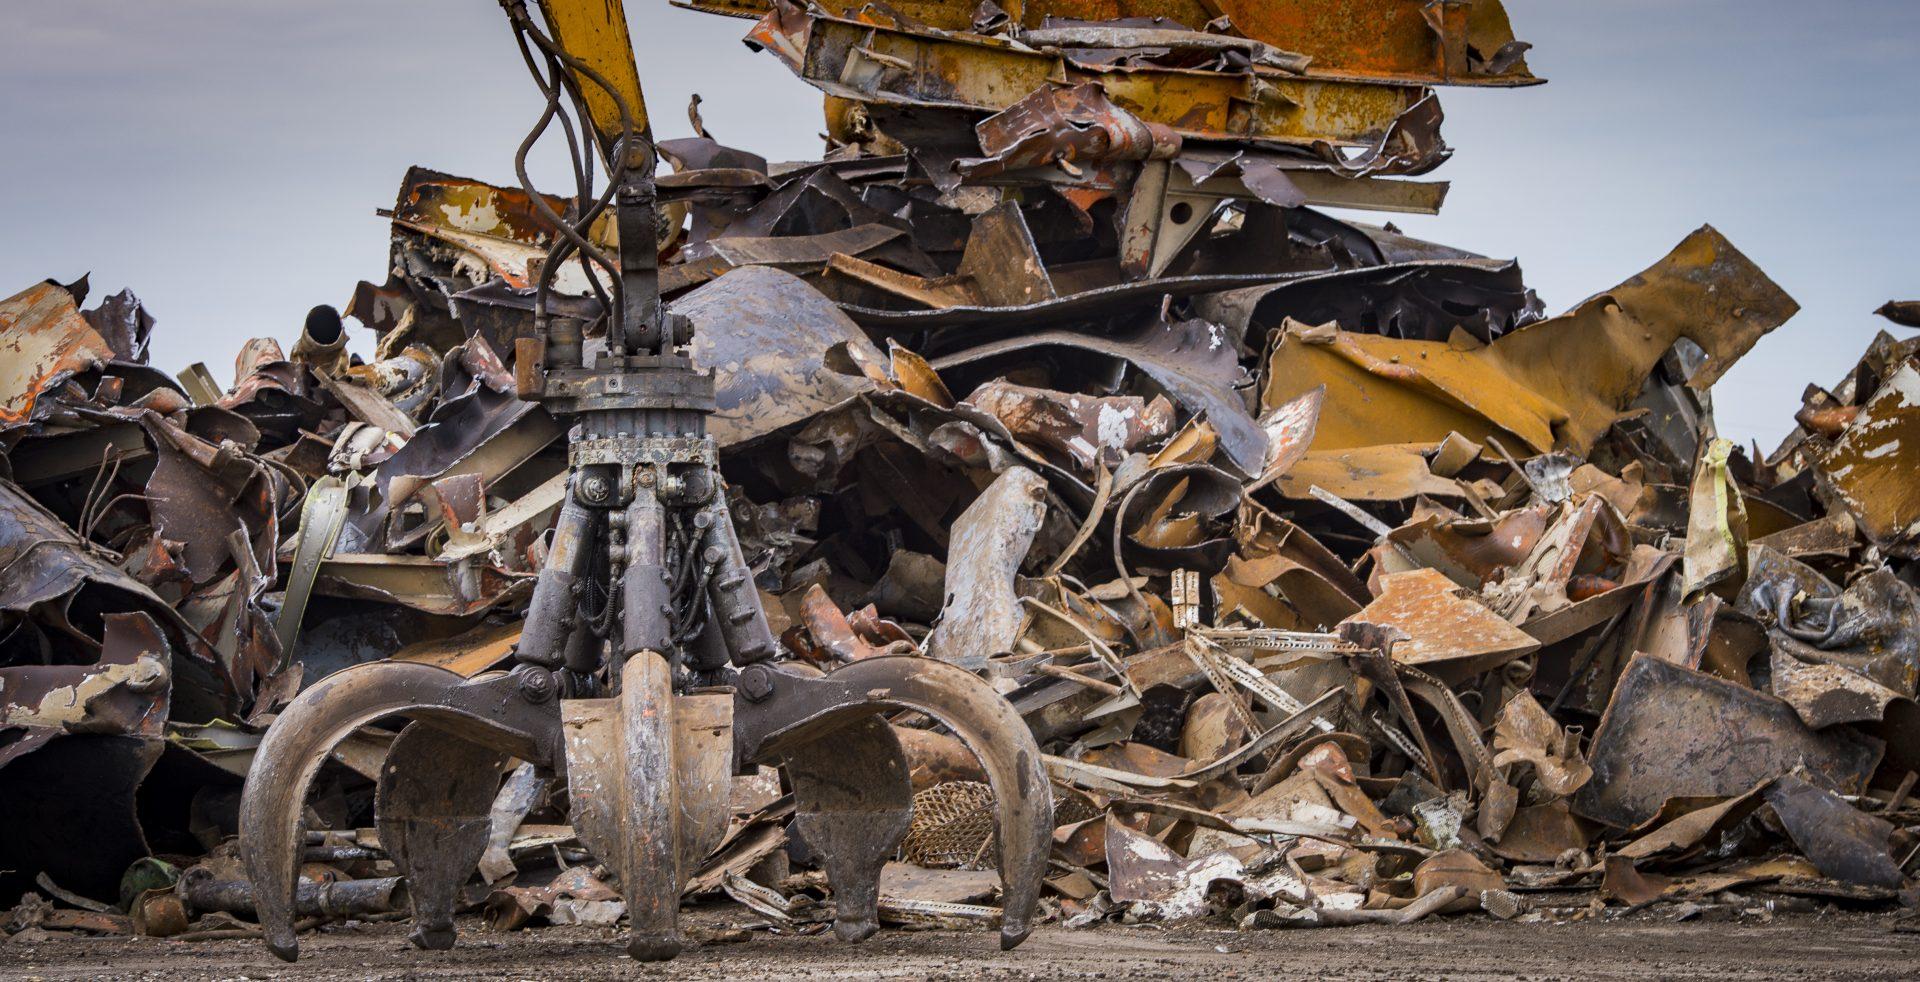 recyclage métaux ferrailles